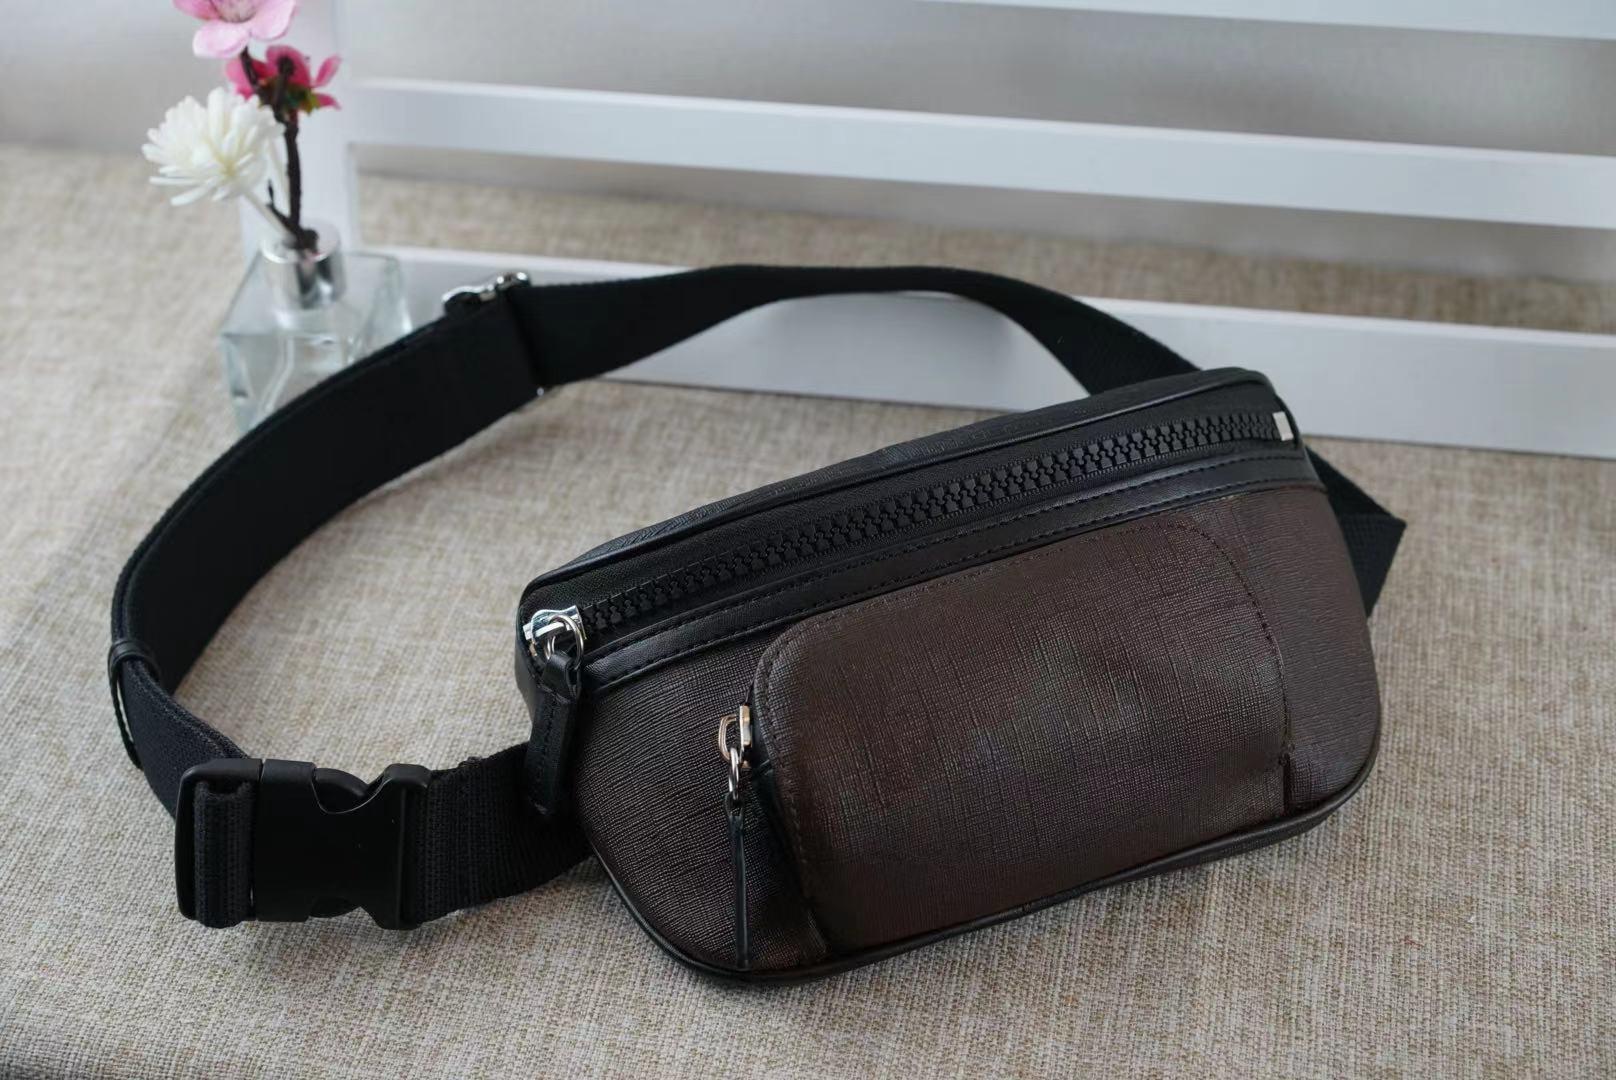 أكياس جيب الكتف حقائب اليد حقيبة المرأة حقائب نسائية crossbody المحافظ جلدية القابض حقيبة الظهر المحفظة